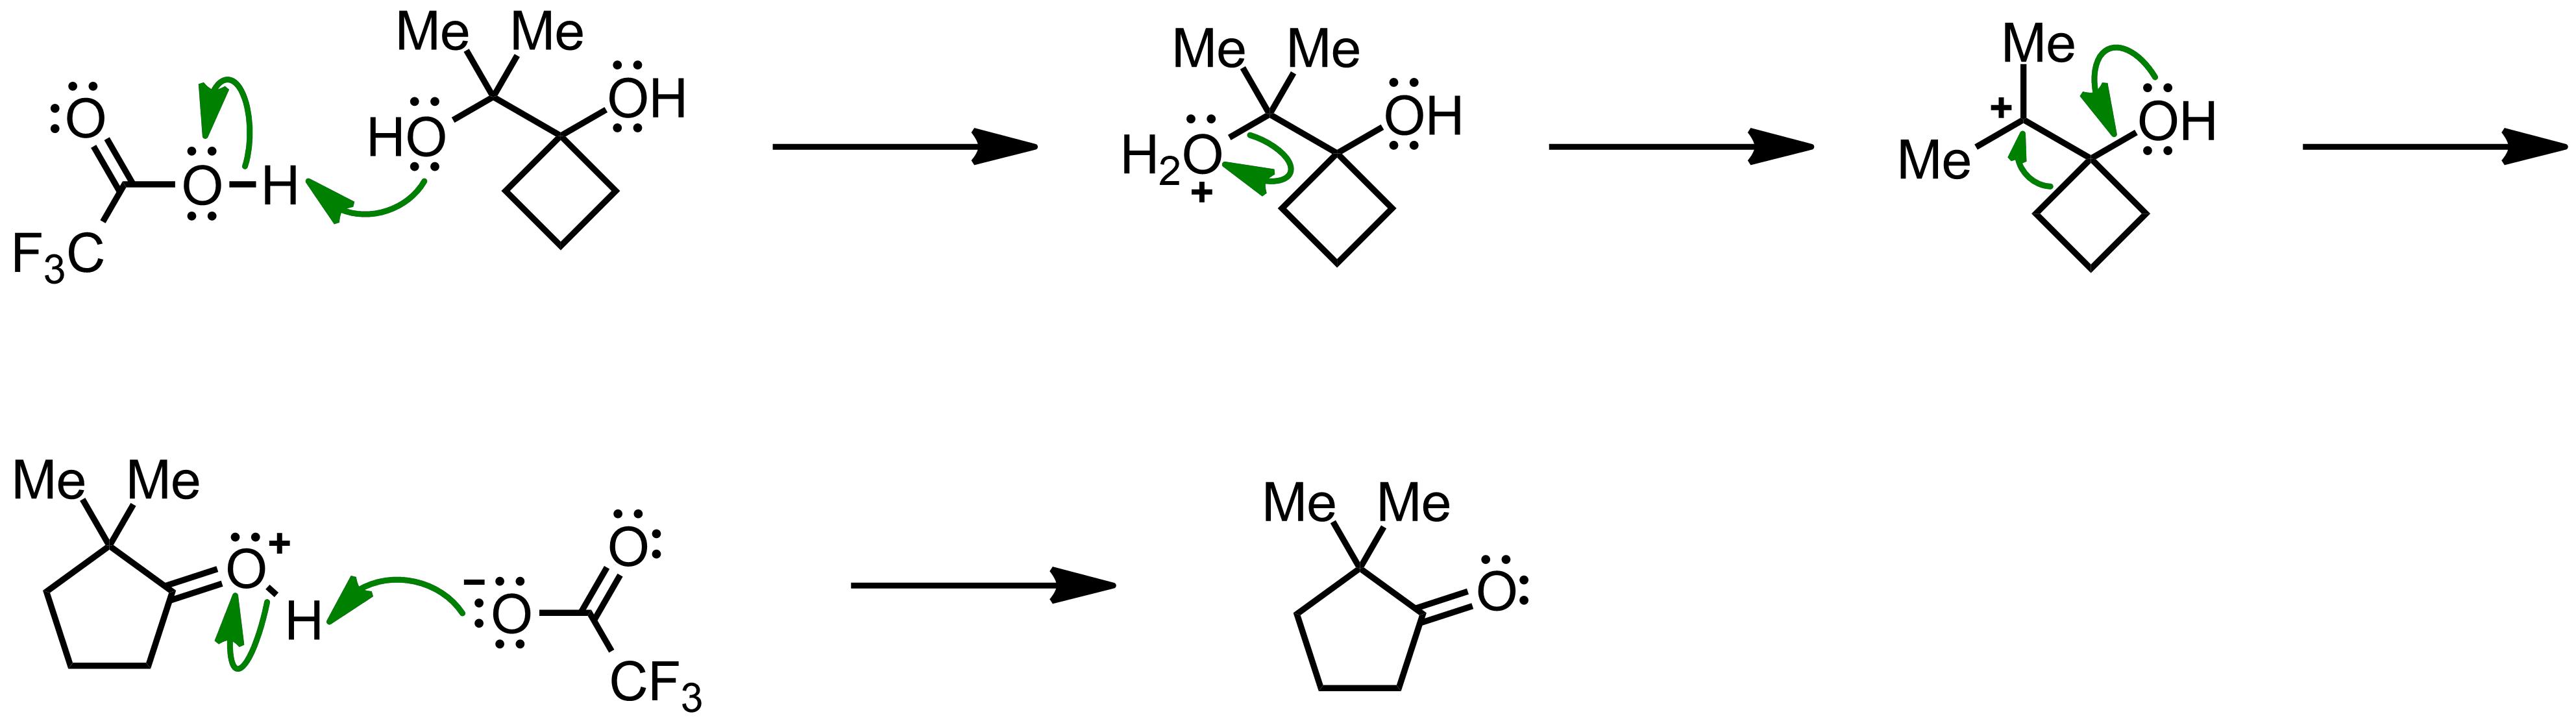 Mechanism of the Pinacol Rearrangement